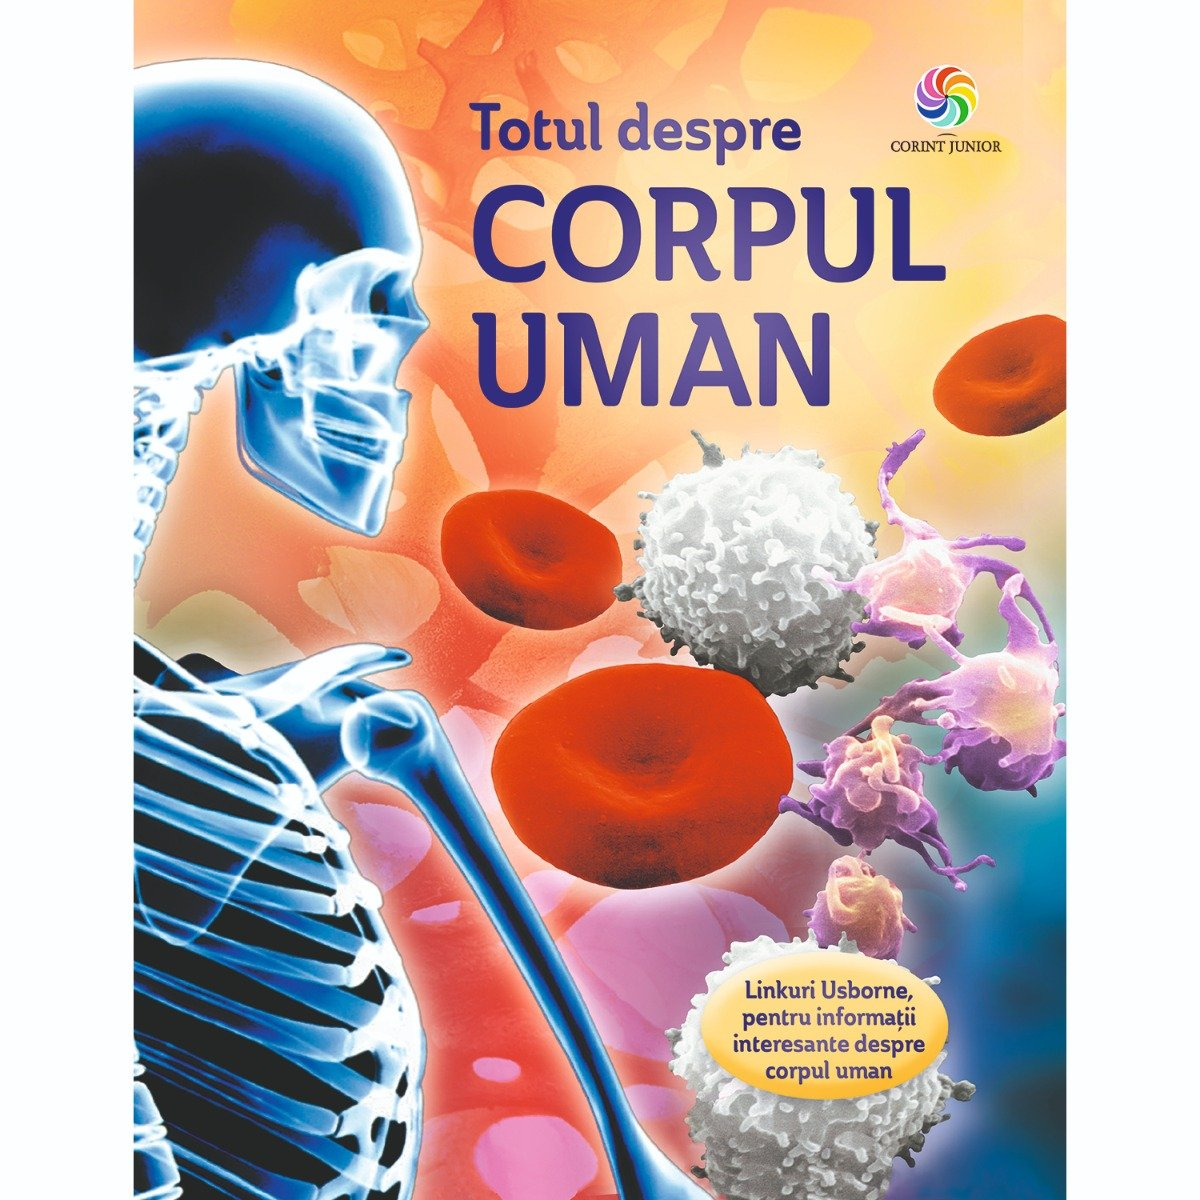 Carte Editura Corint, Totul despre corpul uman, Anna Claybourne